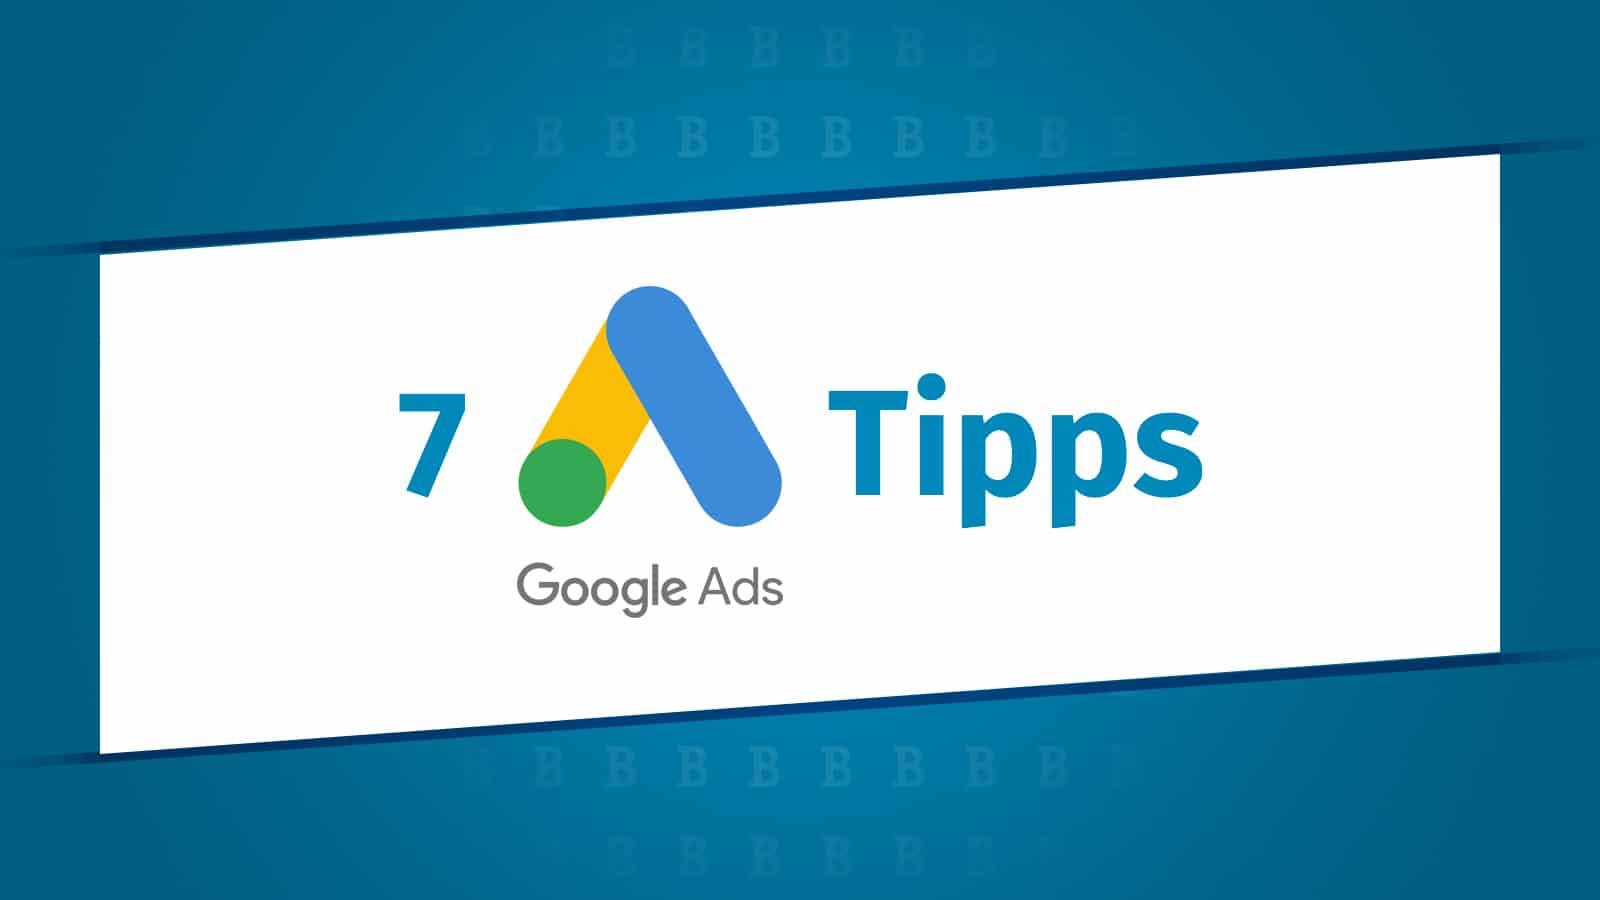 Google Ads Tipps (Adwords) Tipps für erfolgreiche Google Ads Kampagnen